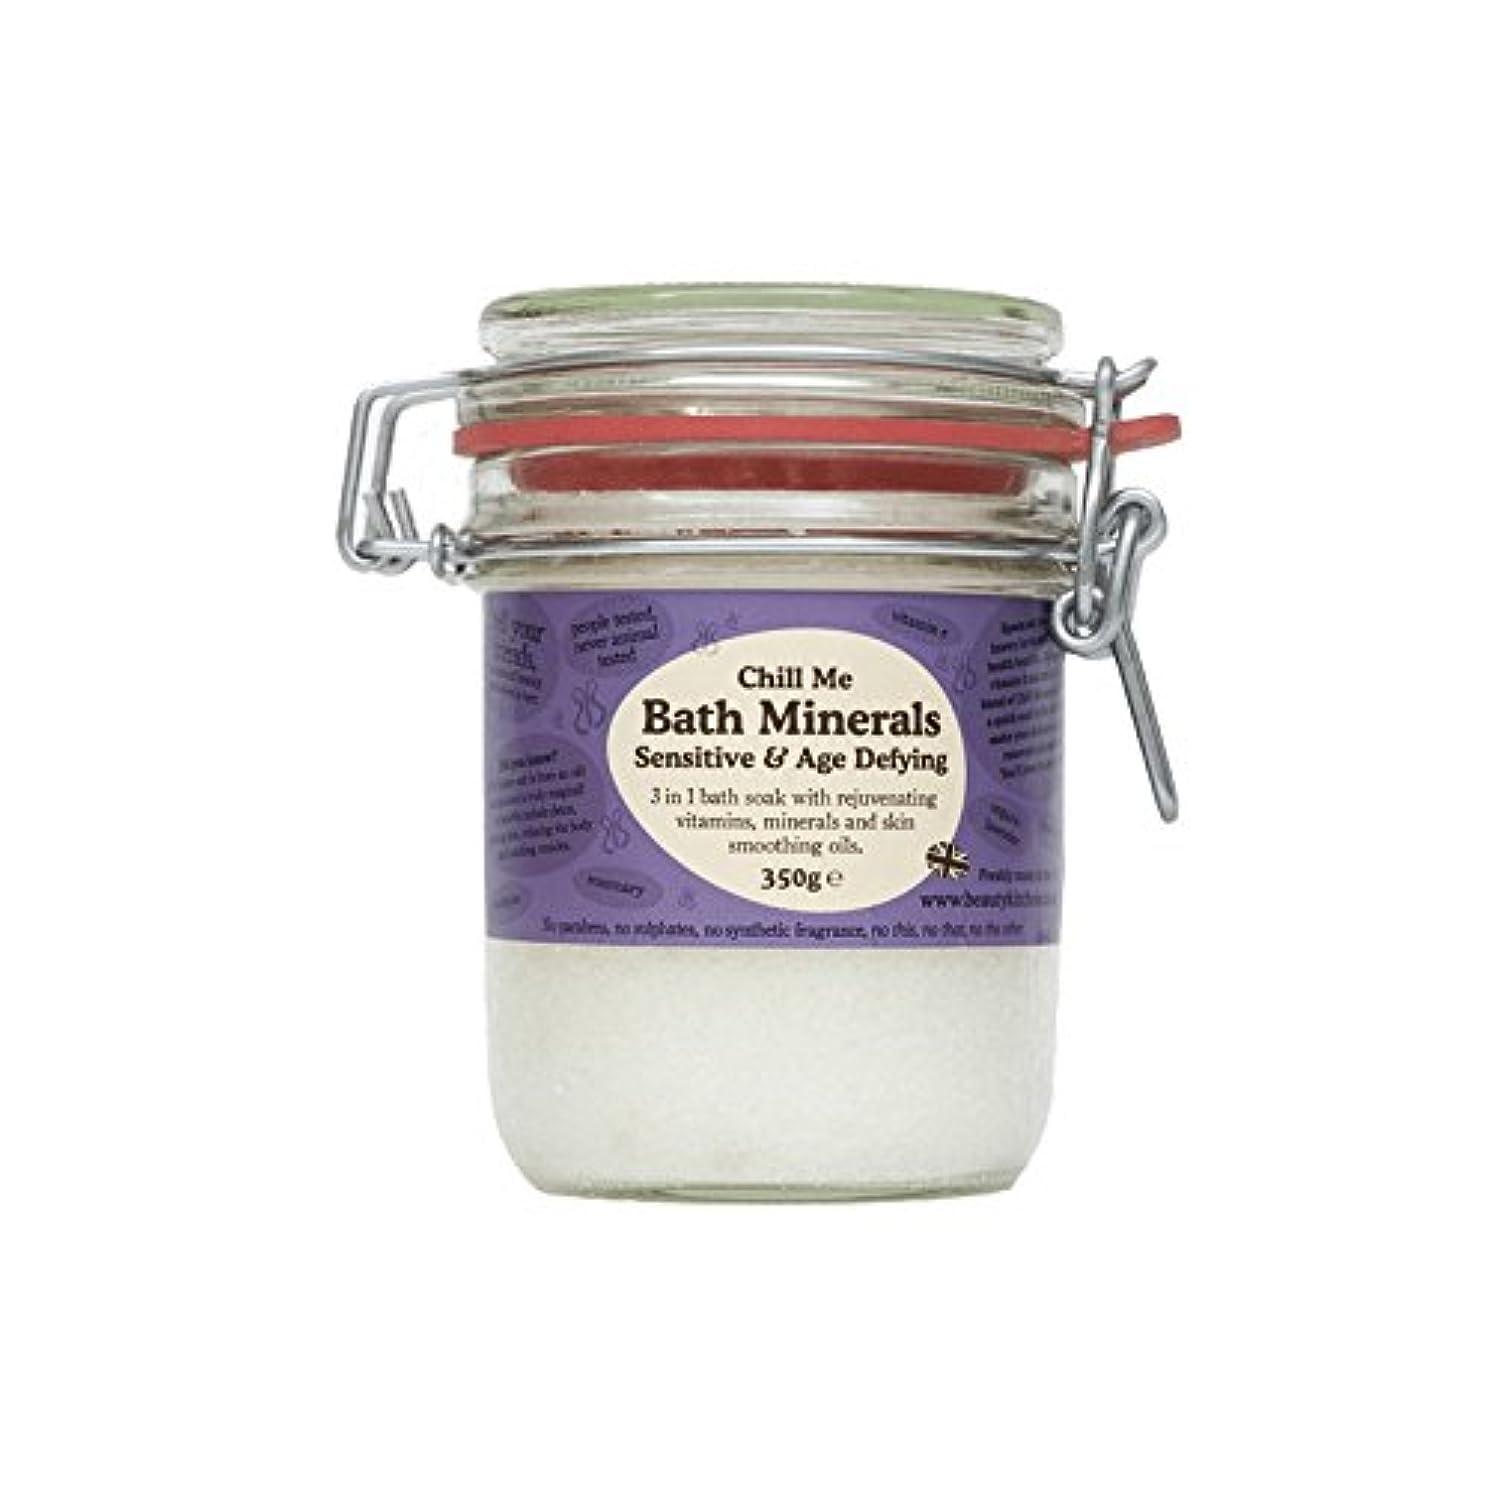 モール暴露する通信網美しさのキッチンは私の敏感&年齢挑むバス鉱物350グラムを冷やします - Beauty Kitchen Chill Me Sensitive & Age Defying Bath Minerals 350g (Beauty...